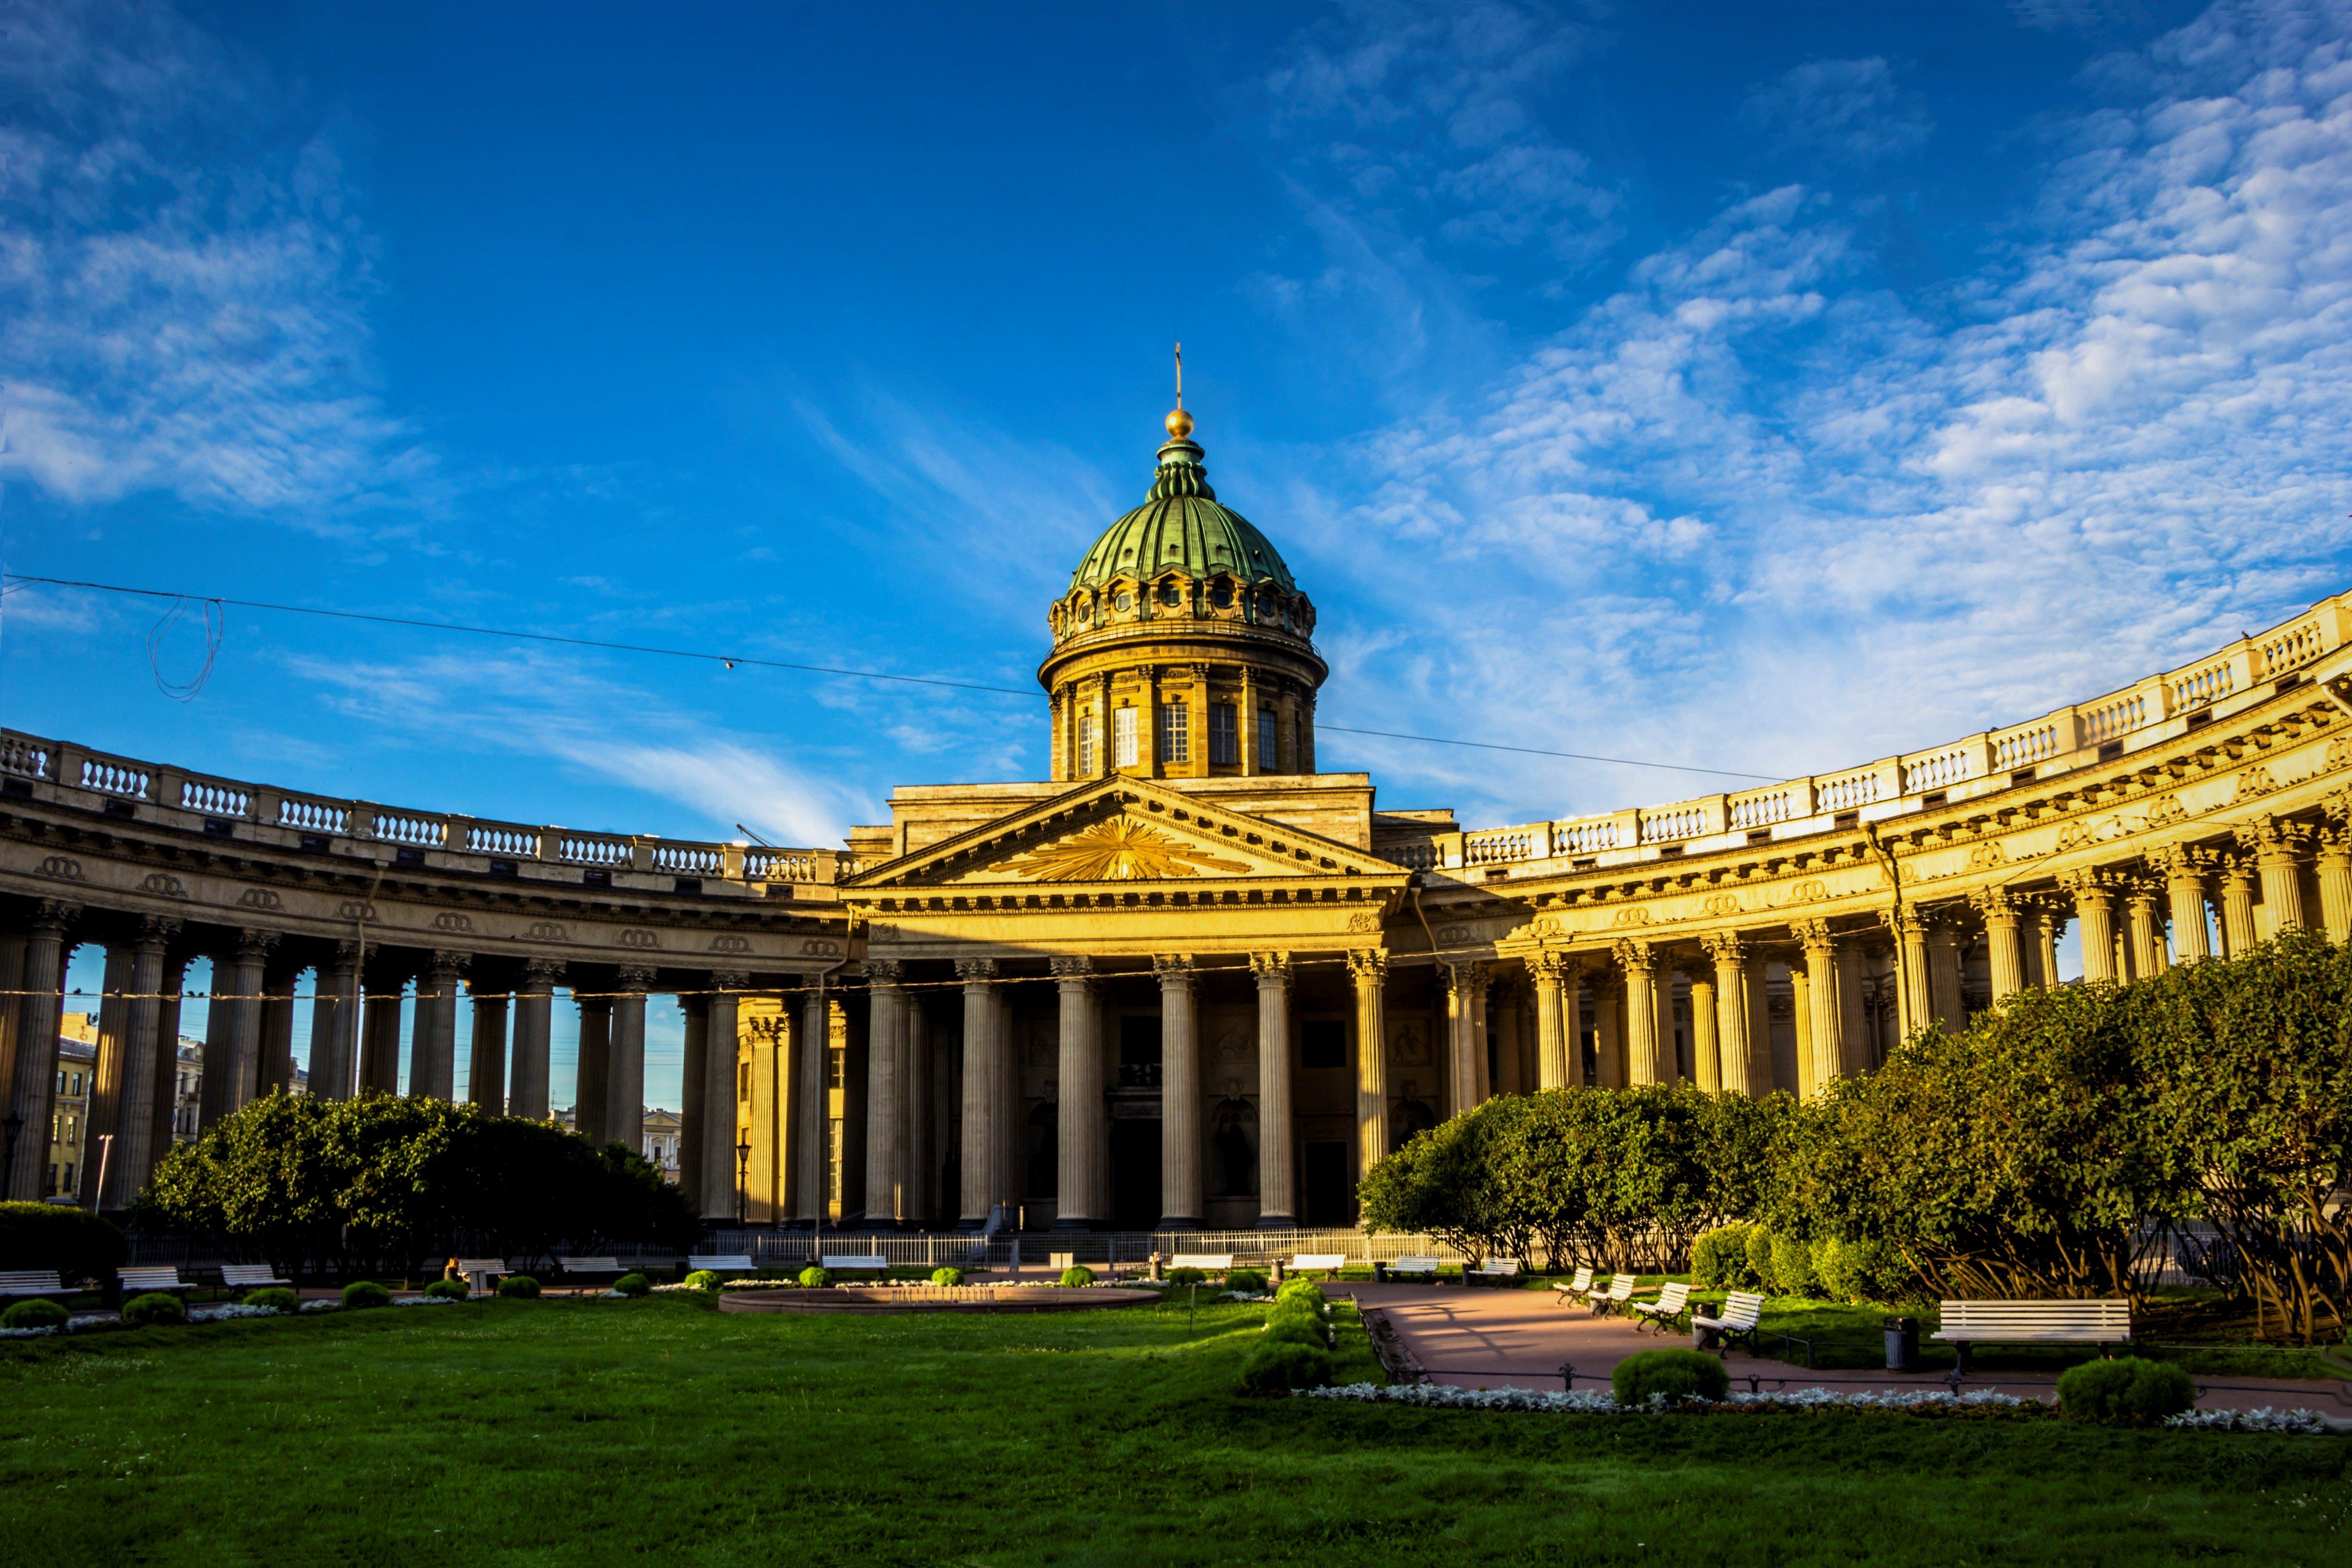 Kazan Cathedral or Kazanskiy Kafedralniy Sobor